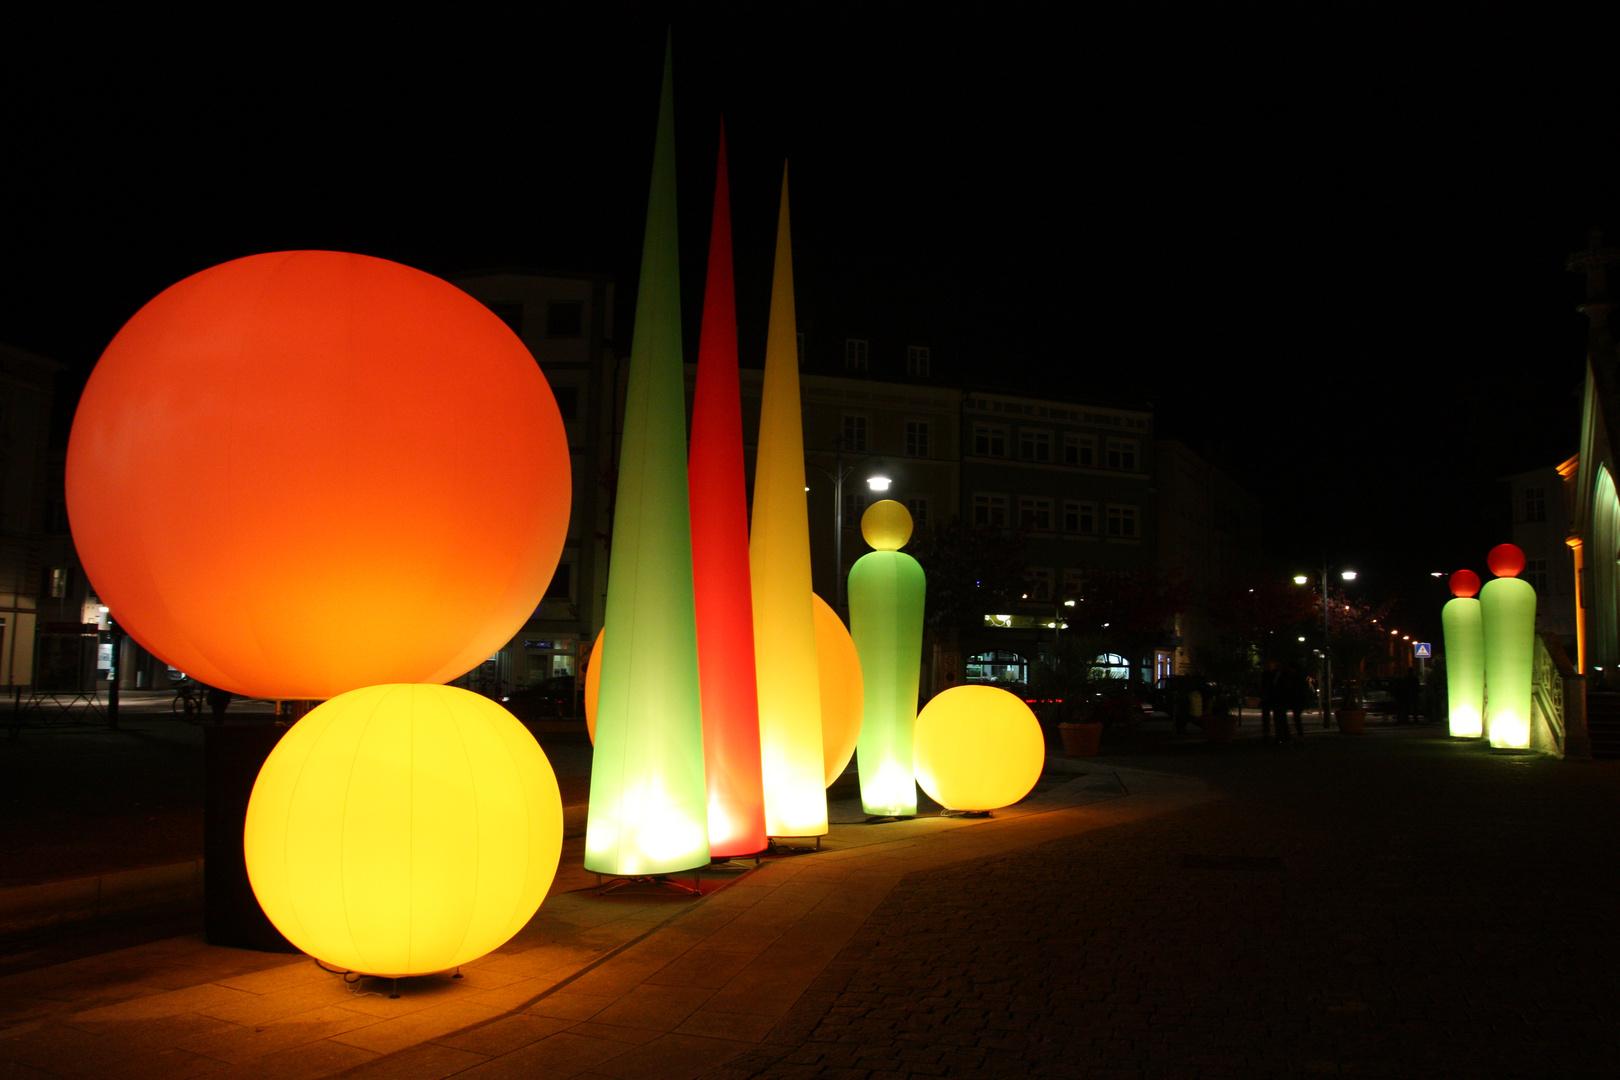 Rosenheimer Stadtbeleuchtung am 04.10.13